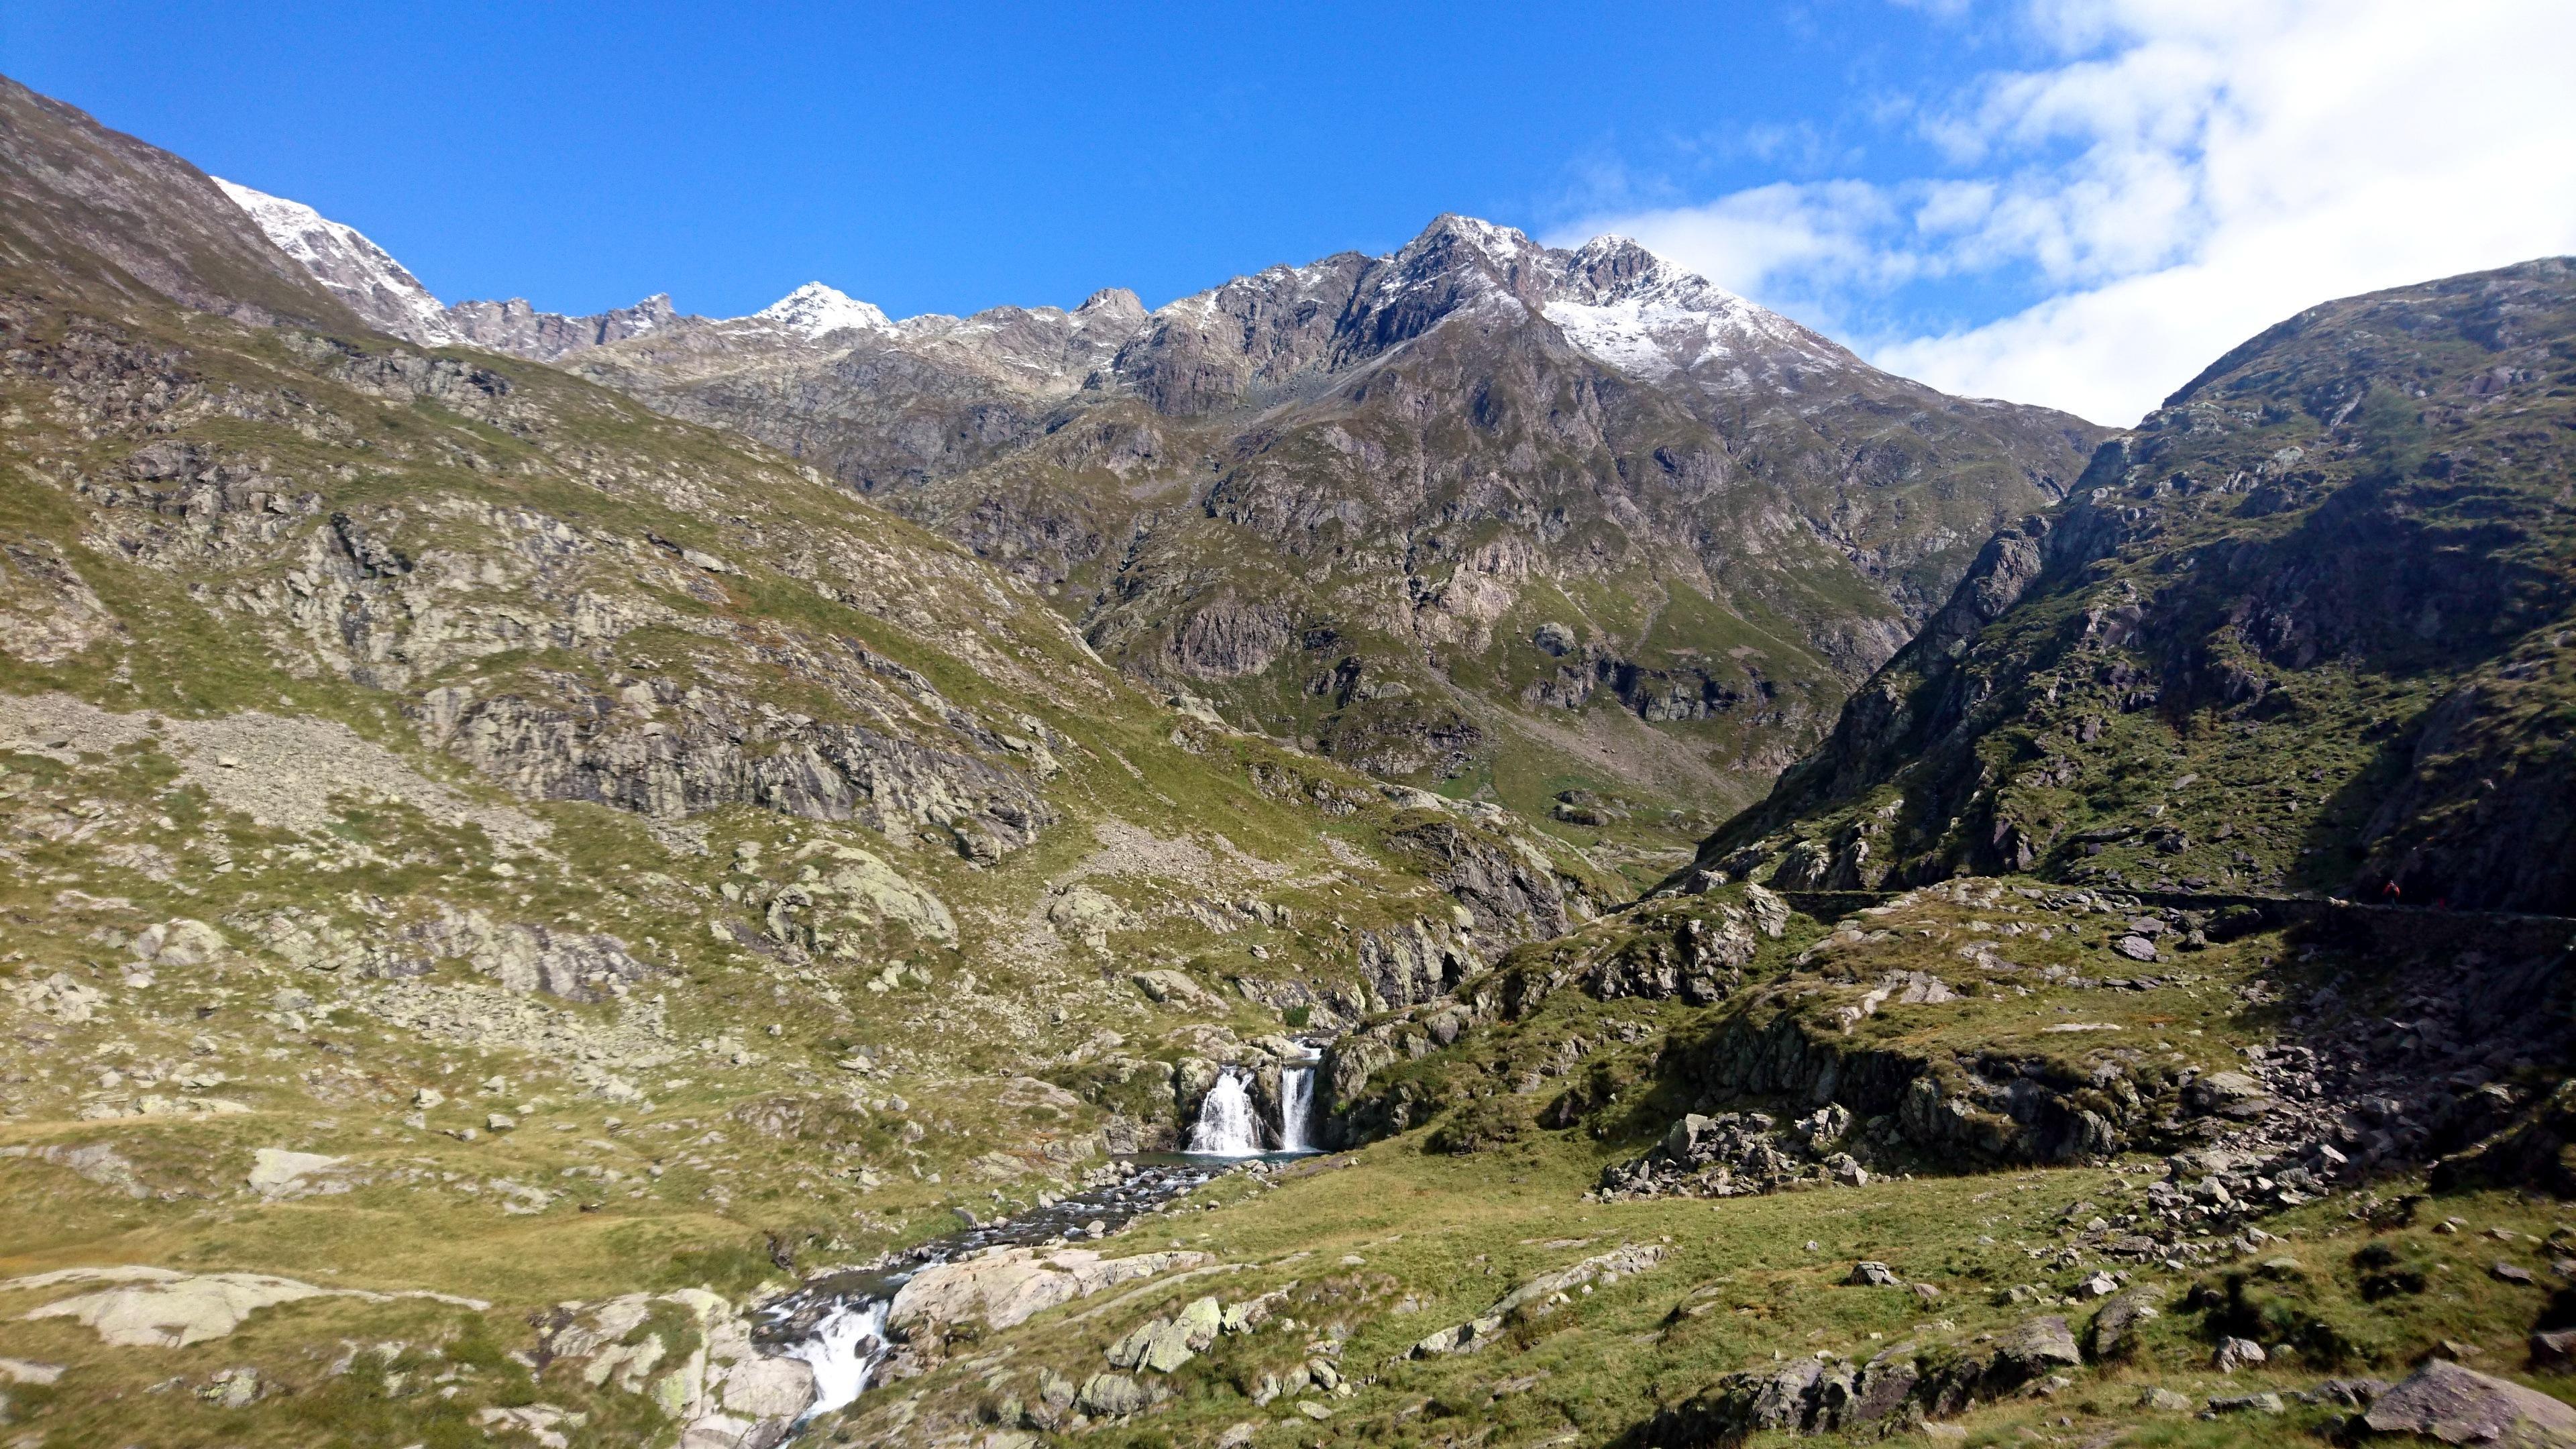 qui siamo nella splendida valletta che collega il lago naturale del Barbellino (a monte) e quello artificiale (a valle)